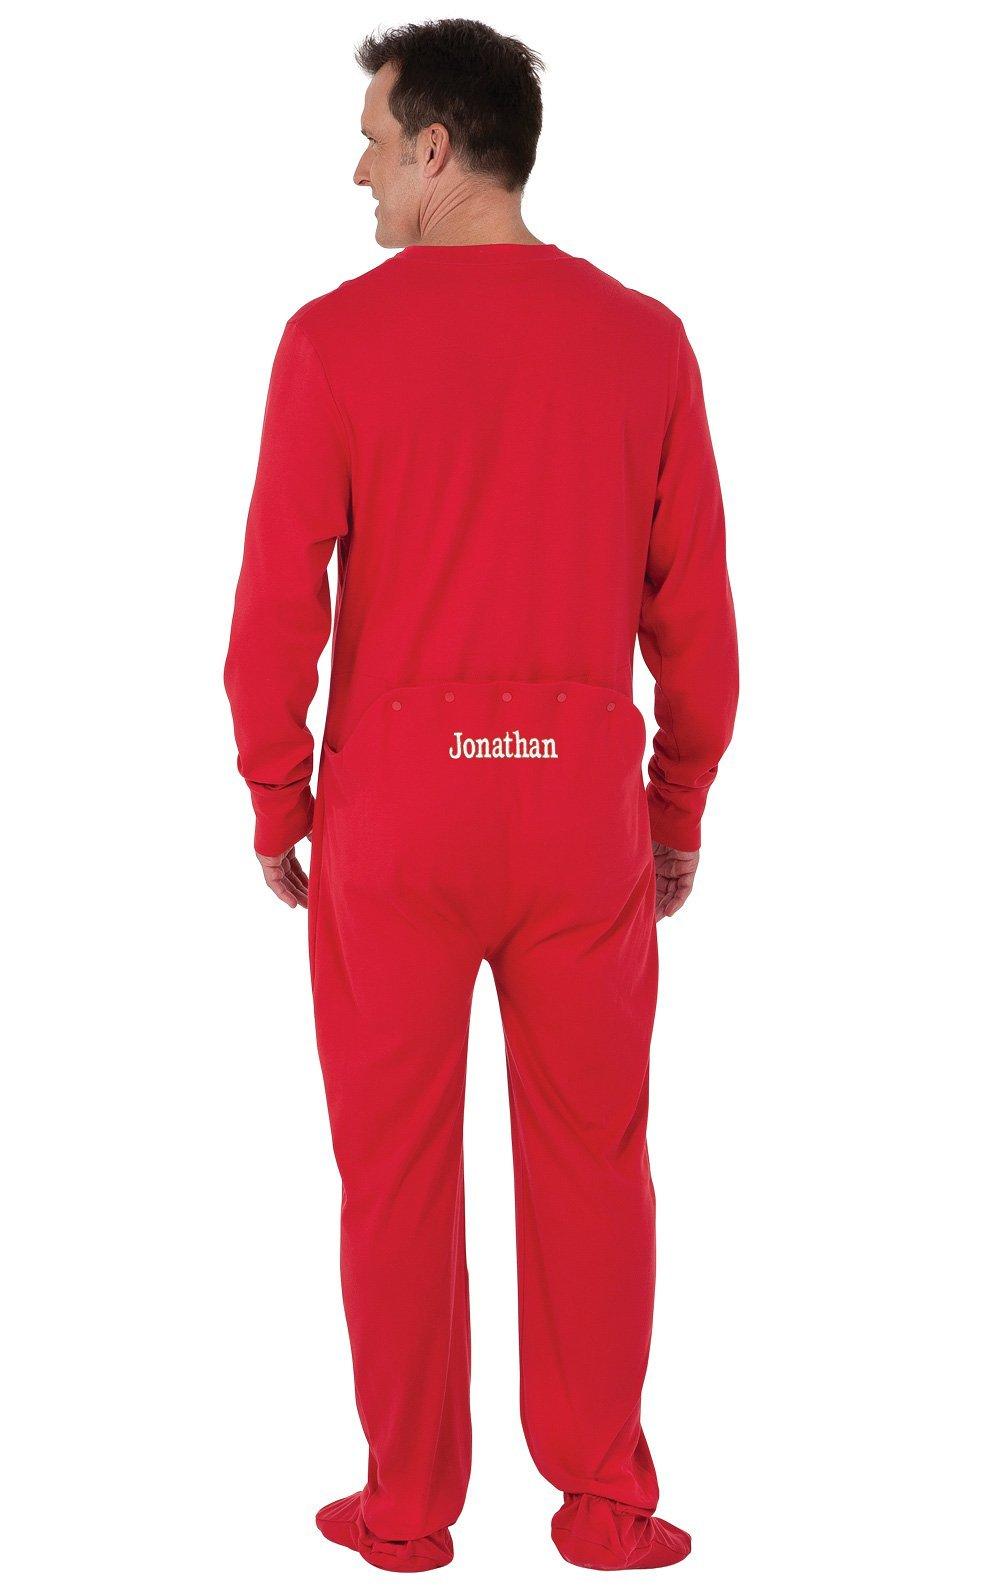 c579e22dab Get Quotations · PajamaGram Personalized Men s Cotton Dropseat Footie  Pajamas